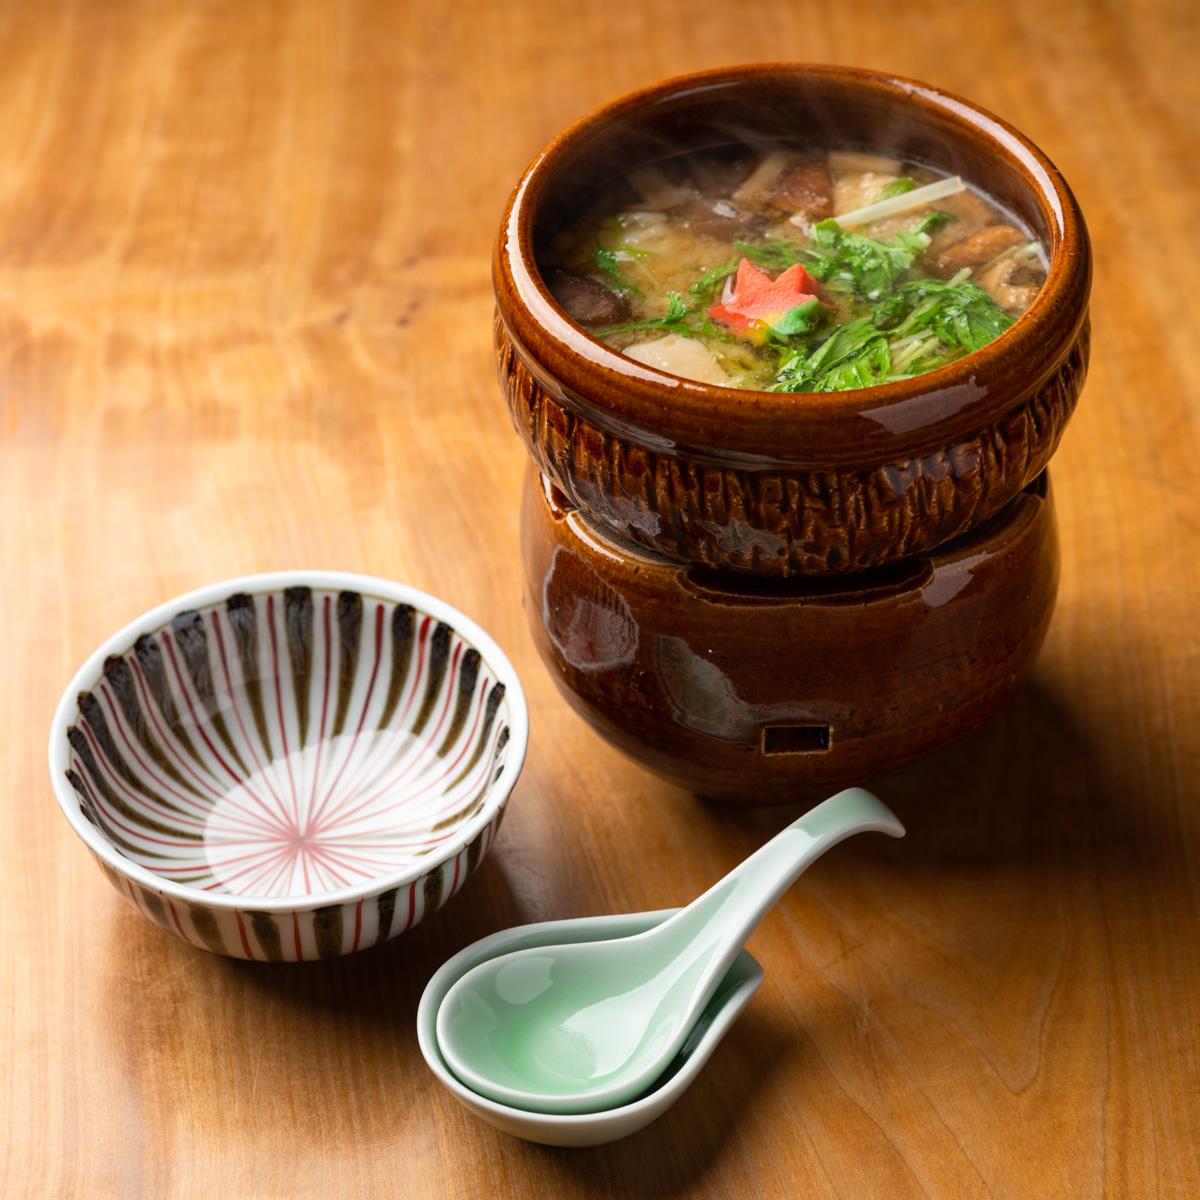 煮物 鱧と秋野菜の小鍋仕立て